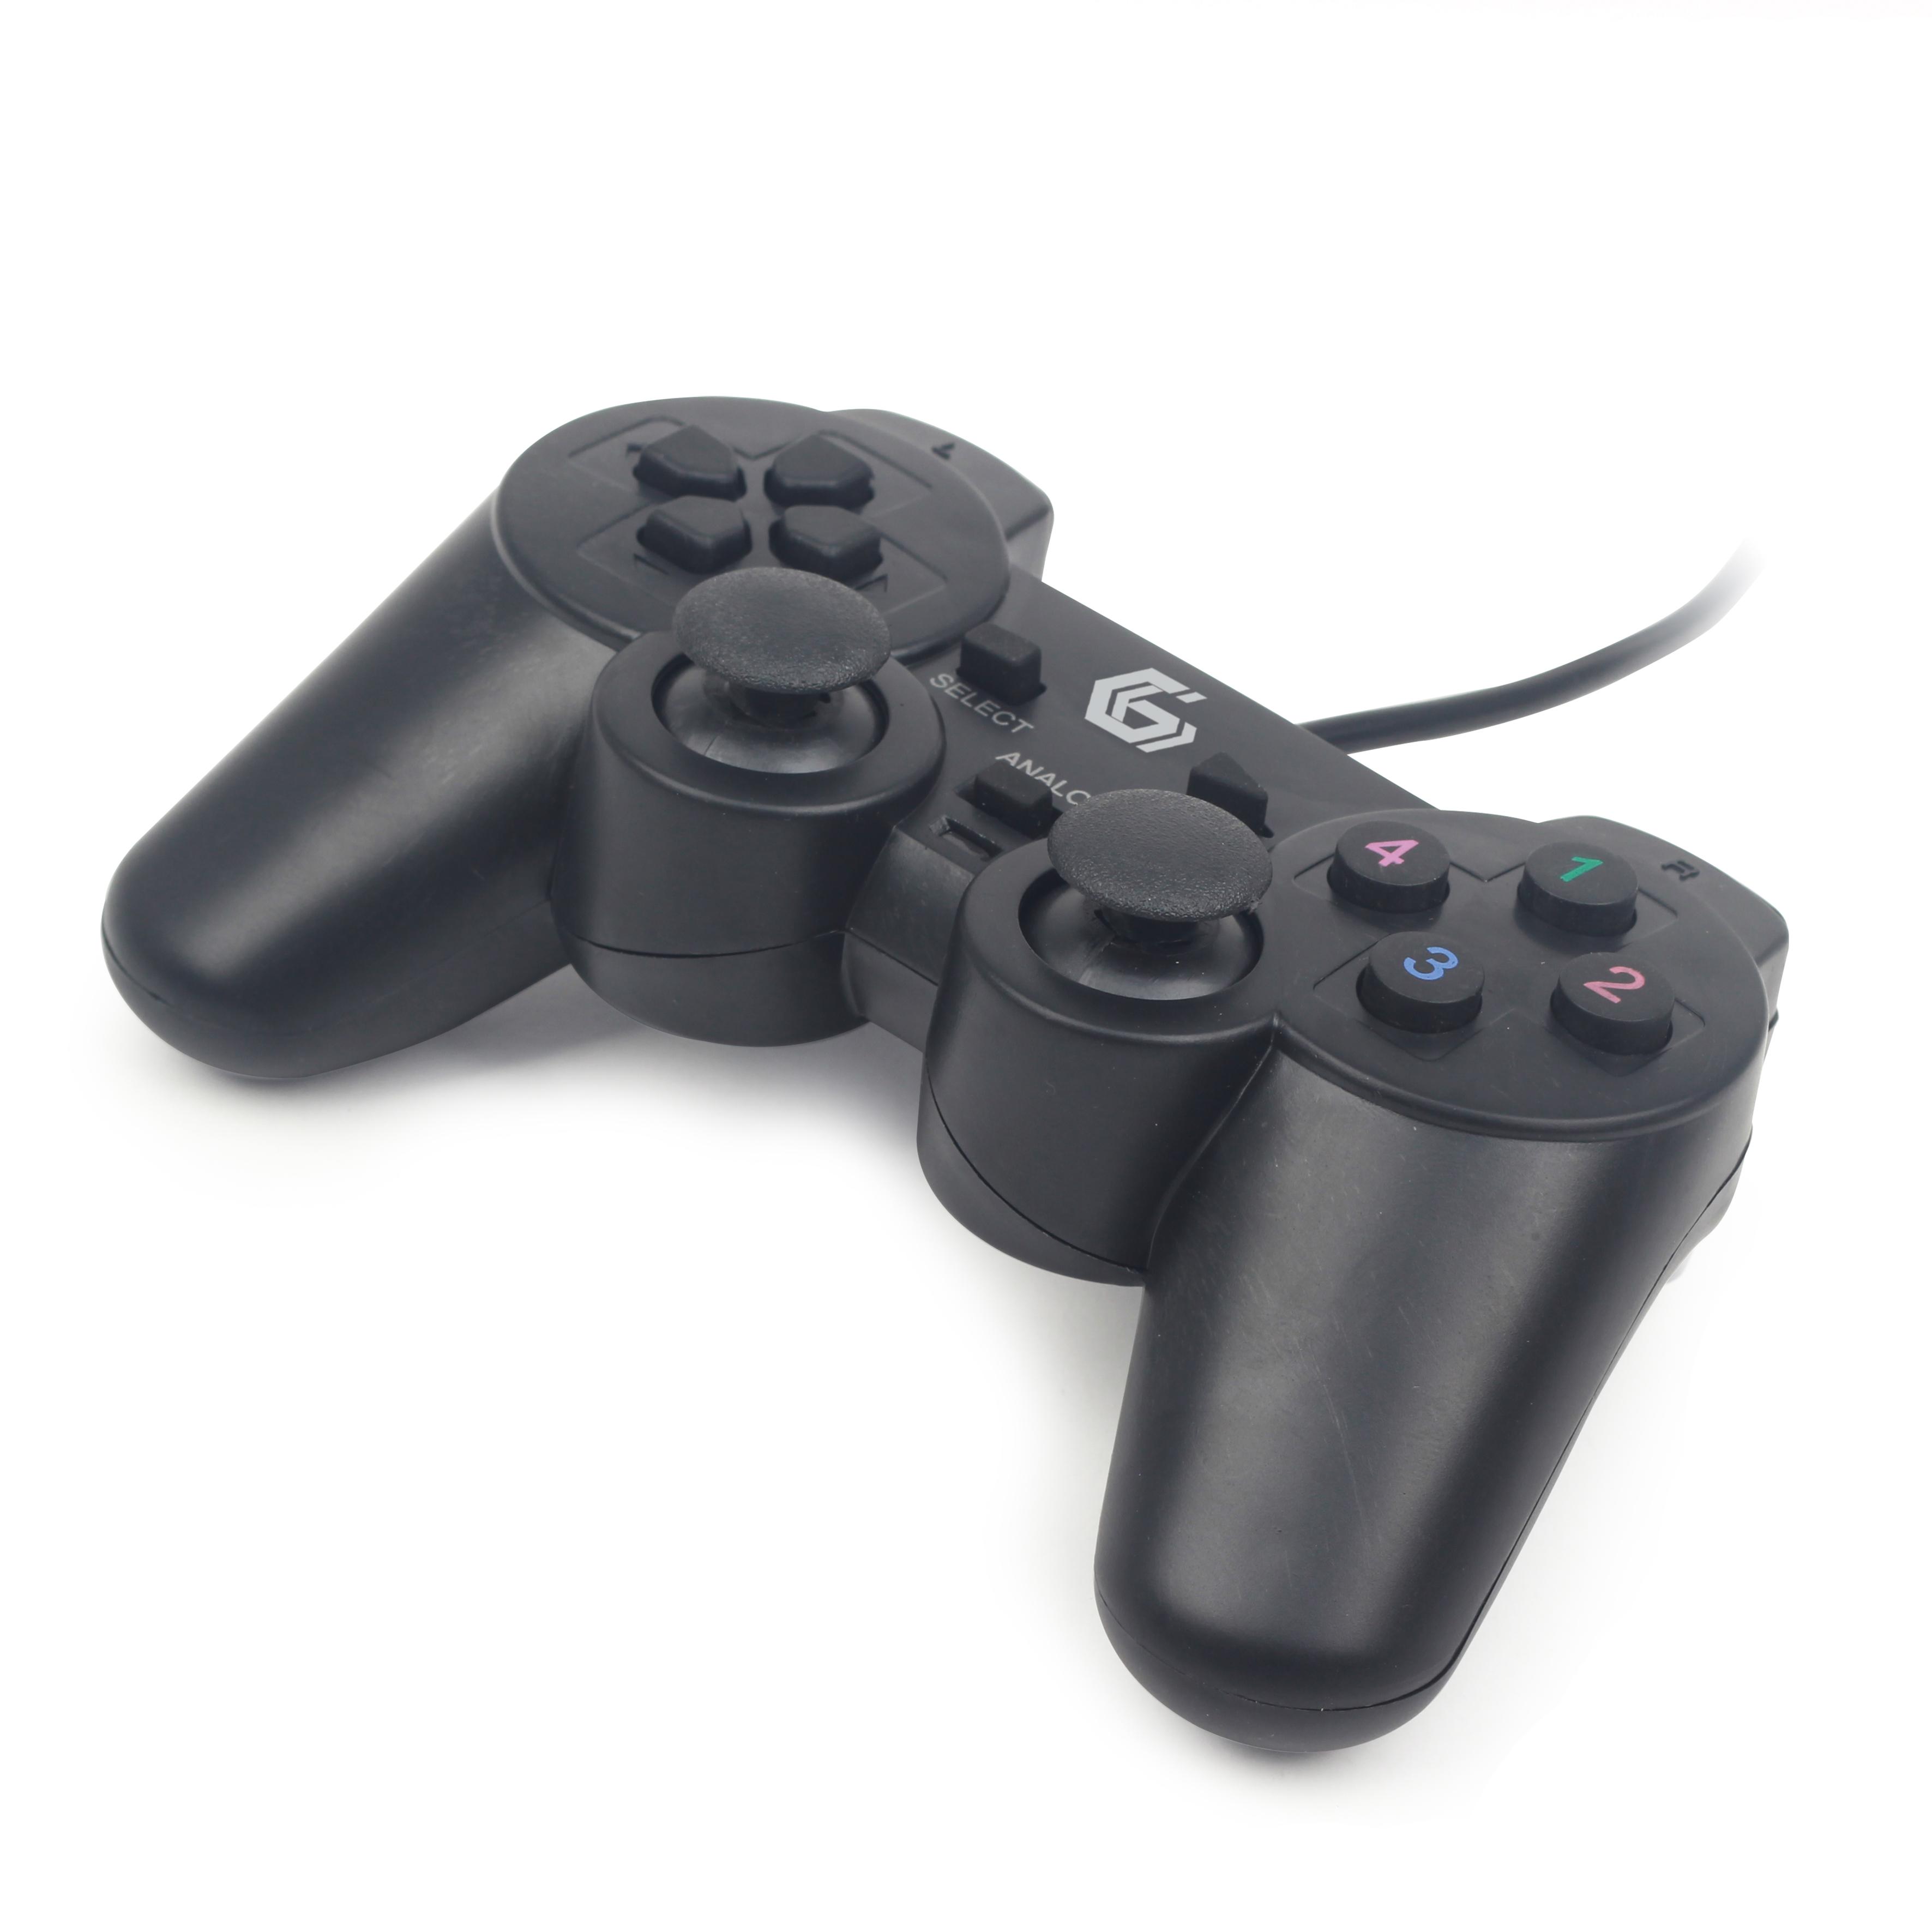 Dual Vibration Gamepad Jpd Udv 01 4 Way Switch Joystick 2299 Kb